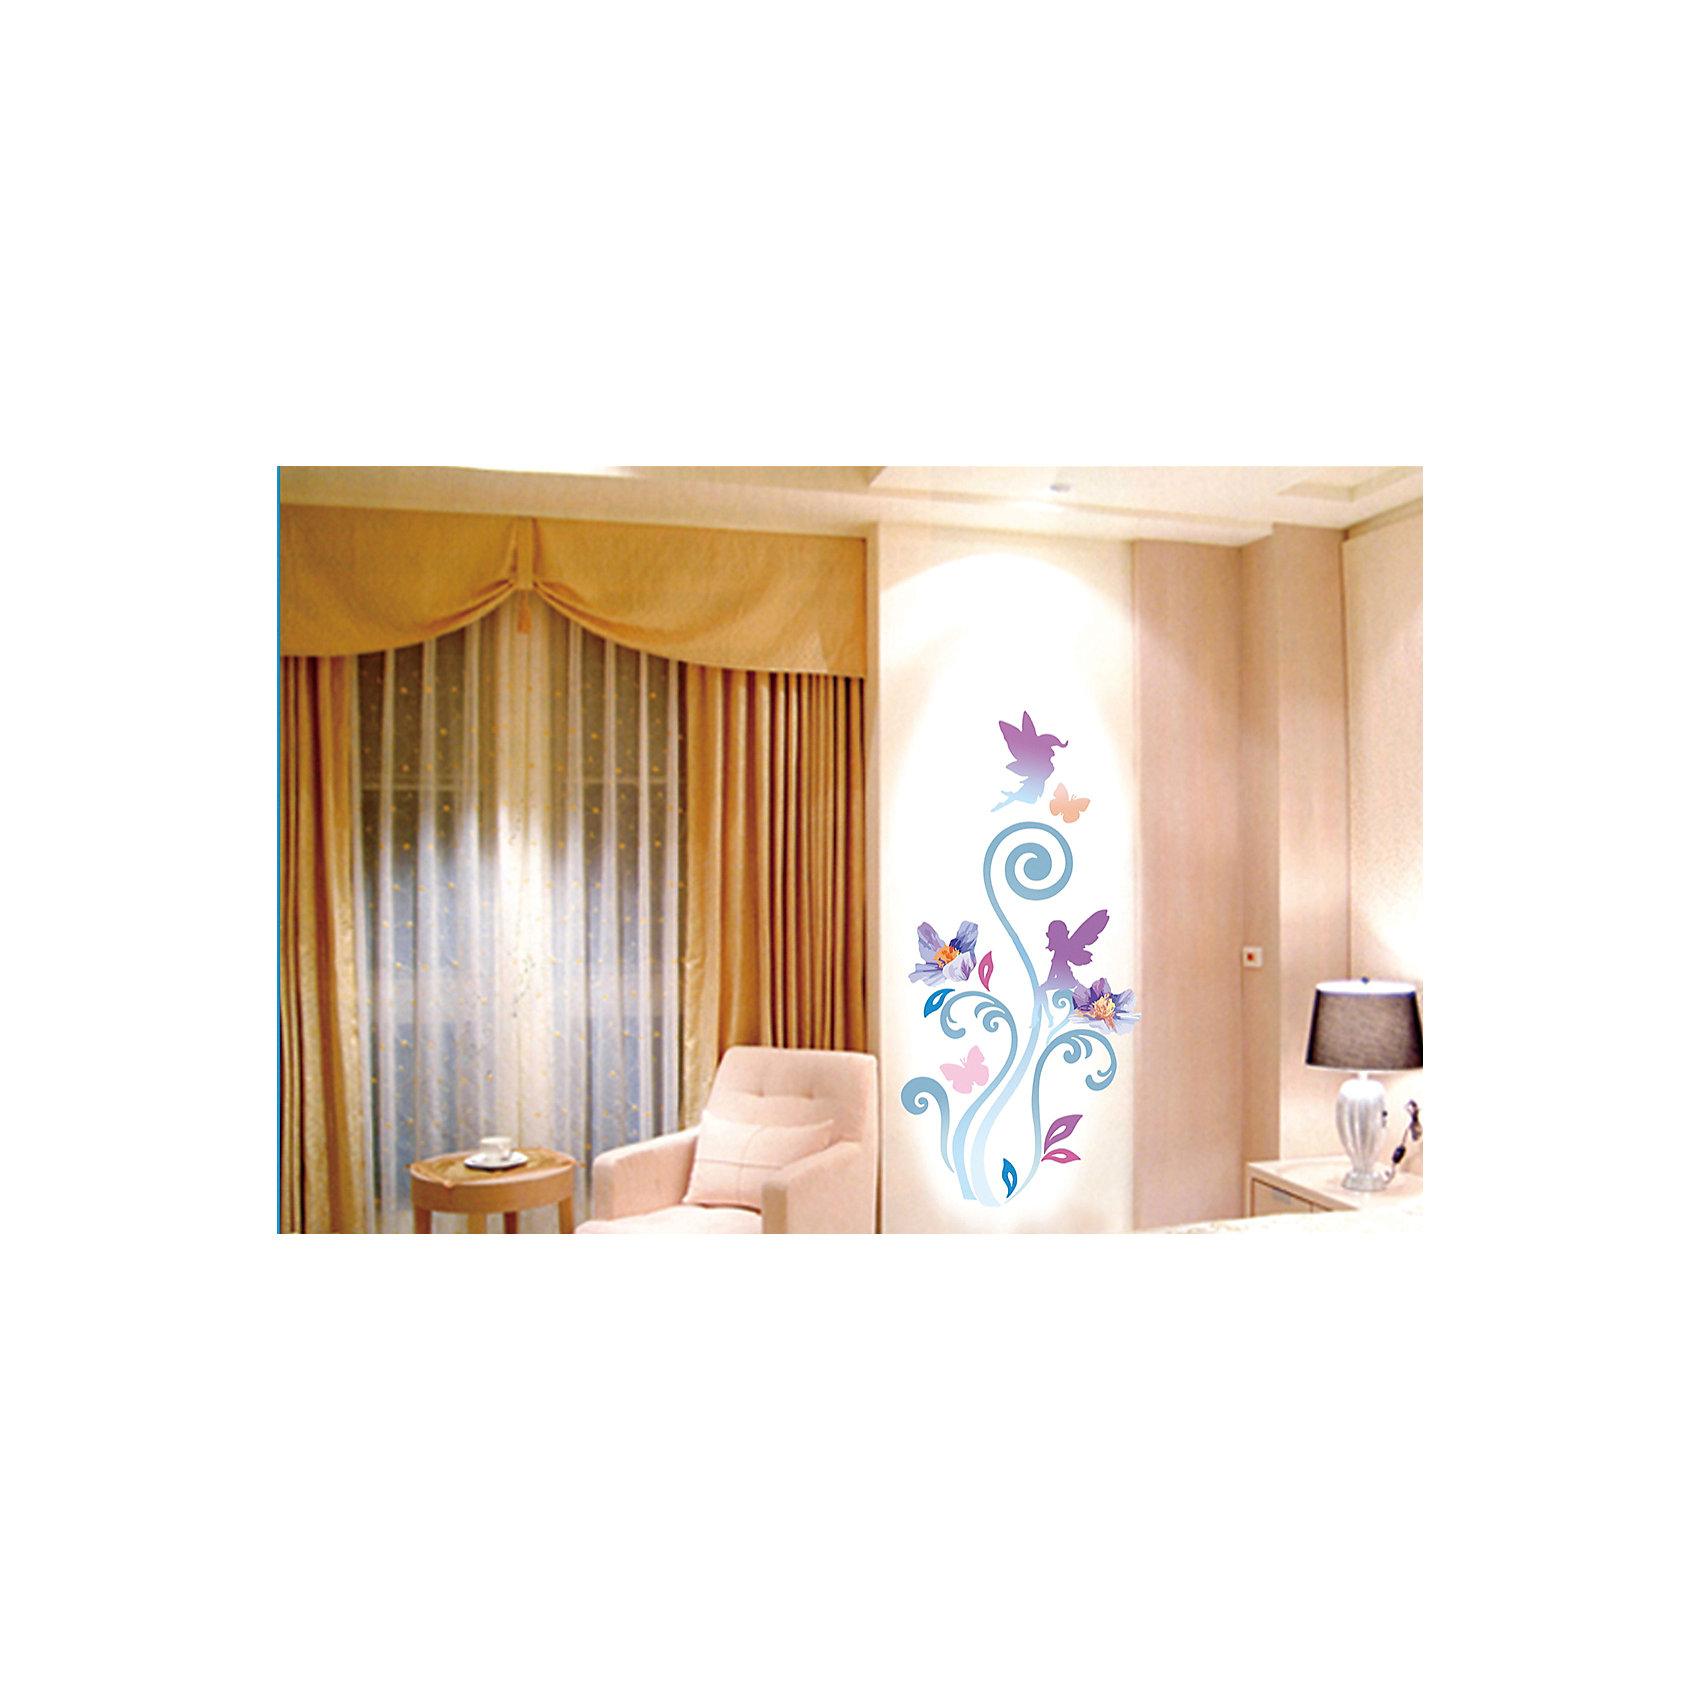 Феникс-Презент Настенное украшение Волшебный мир 35*52 см (синий)